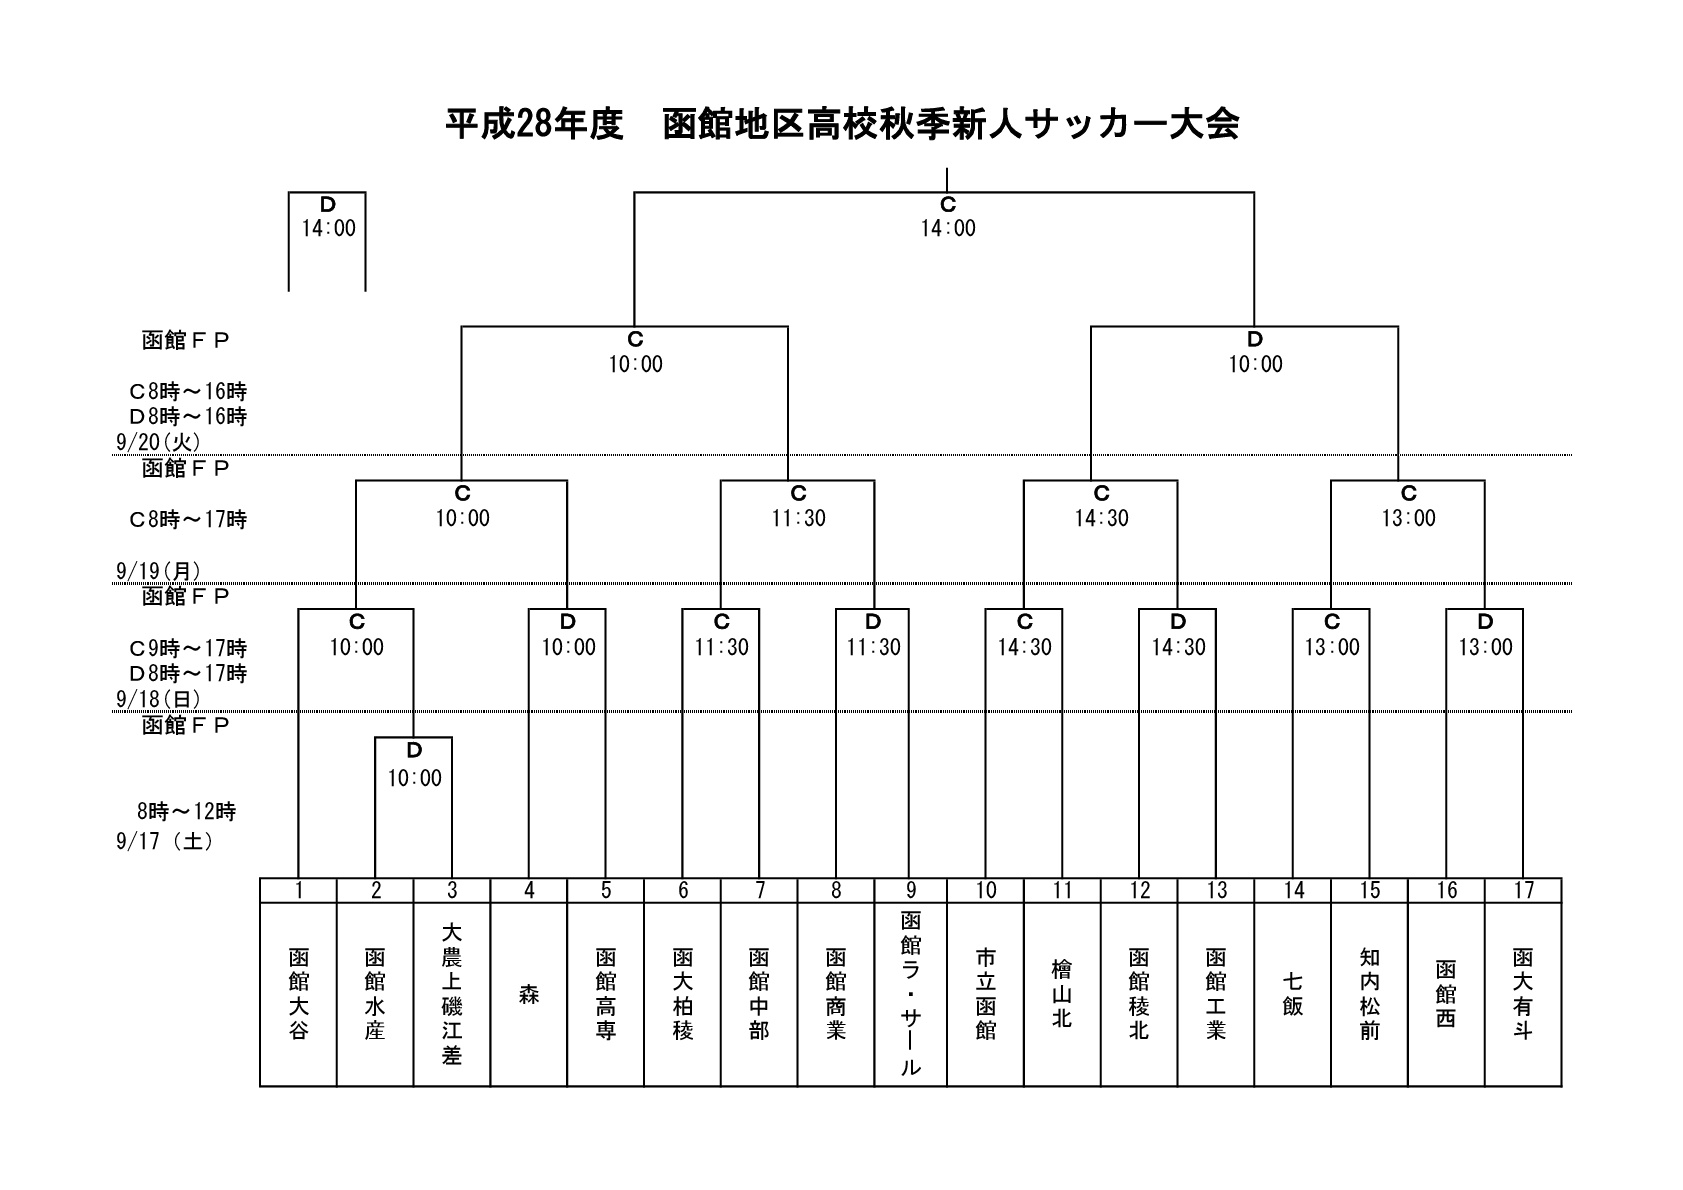 05_新人戦組合せ表【HP用】-001